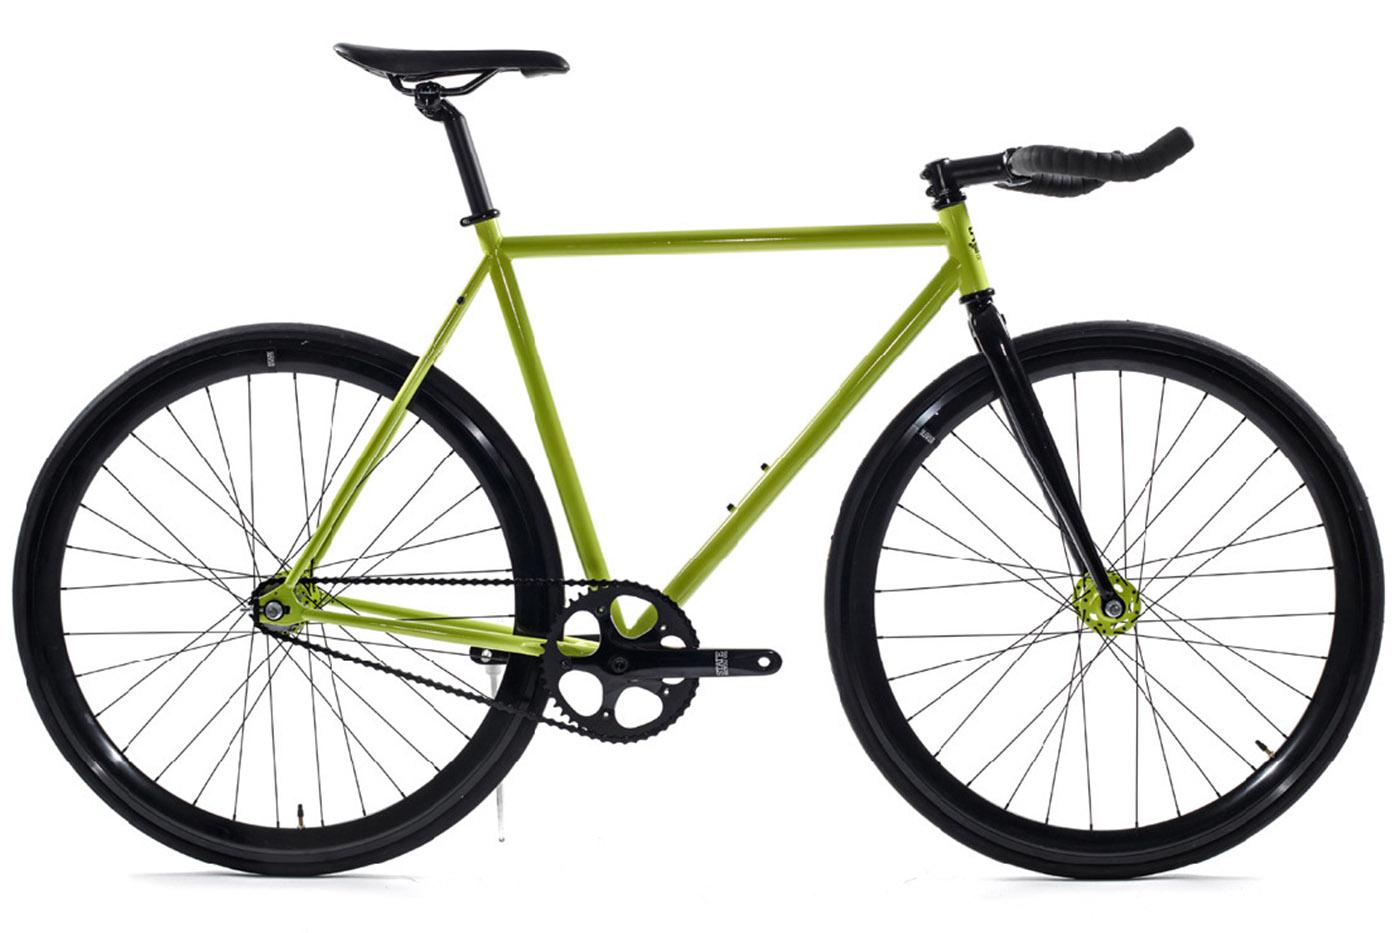 FX-355S Road Touring Fixie Vélo Bicyclette Forgé allié A-head stem 28.6 mm argent